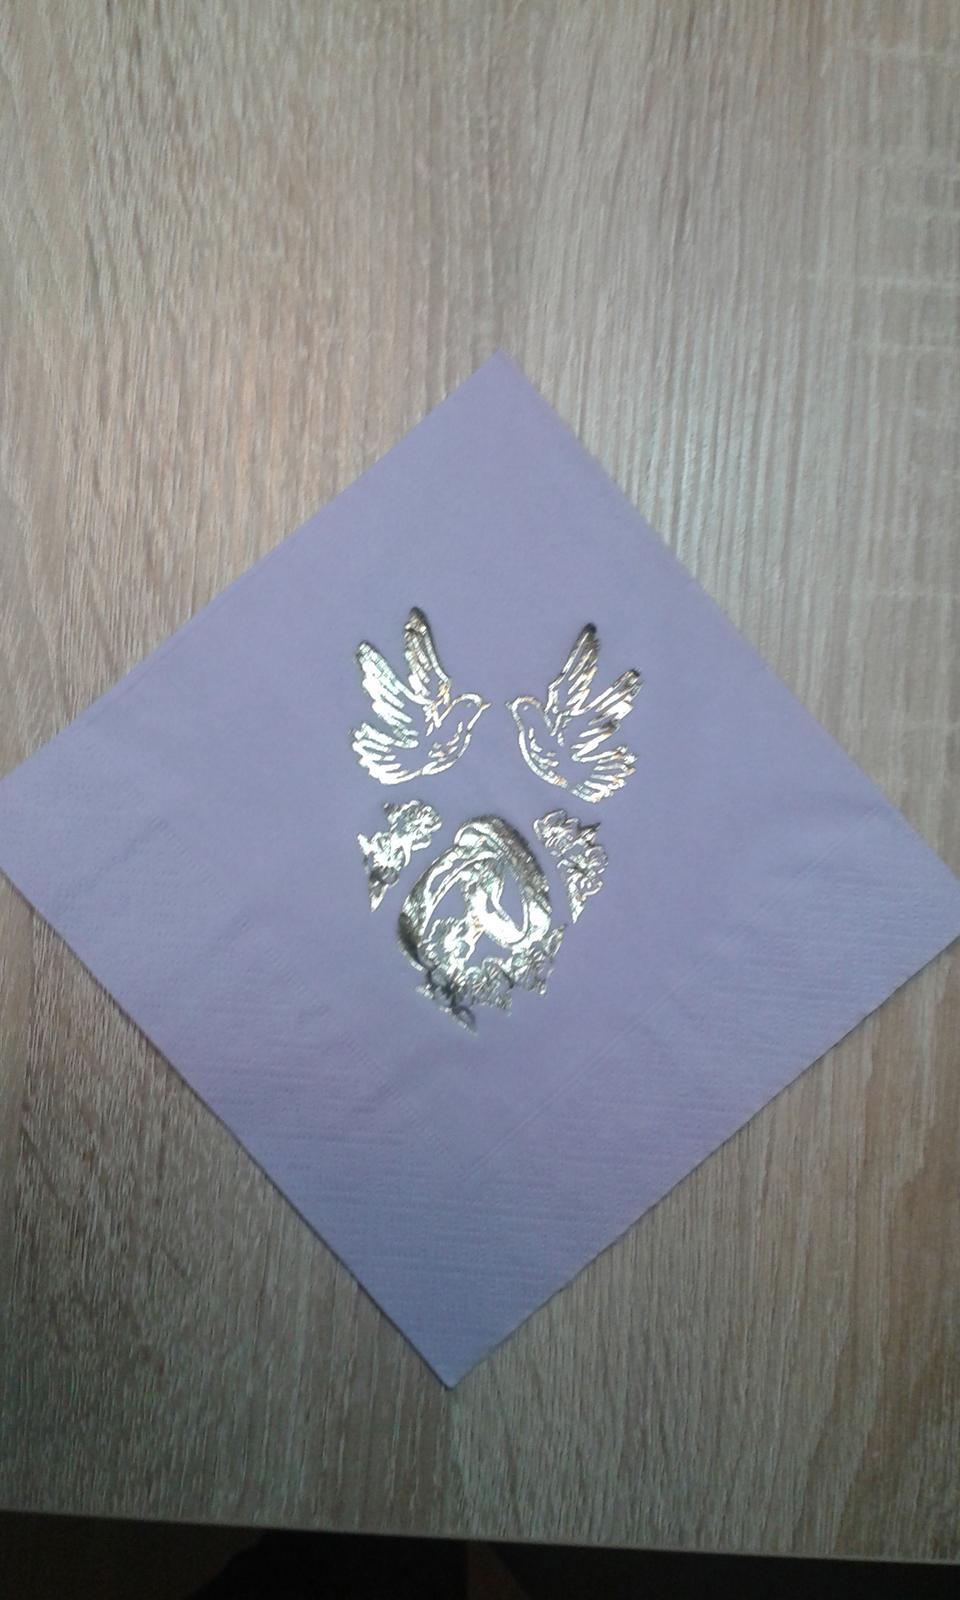 Lila ubrousky , dekorační perly  - Obrázek č. 1